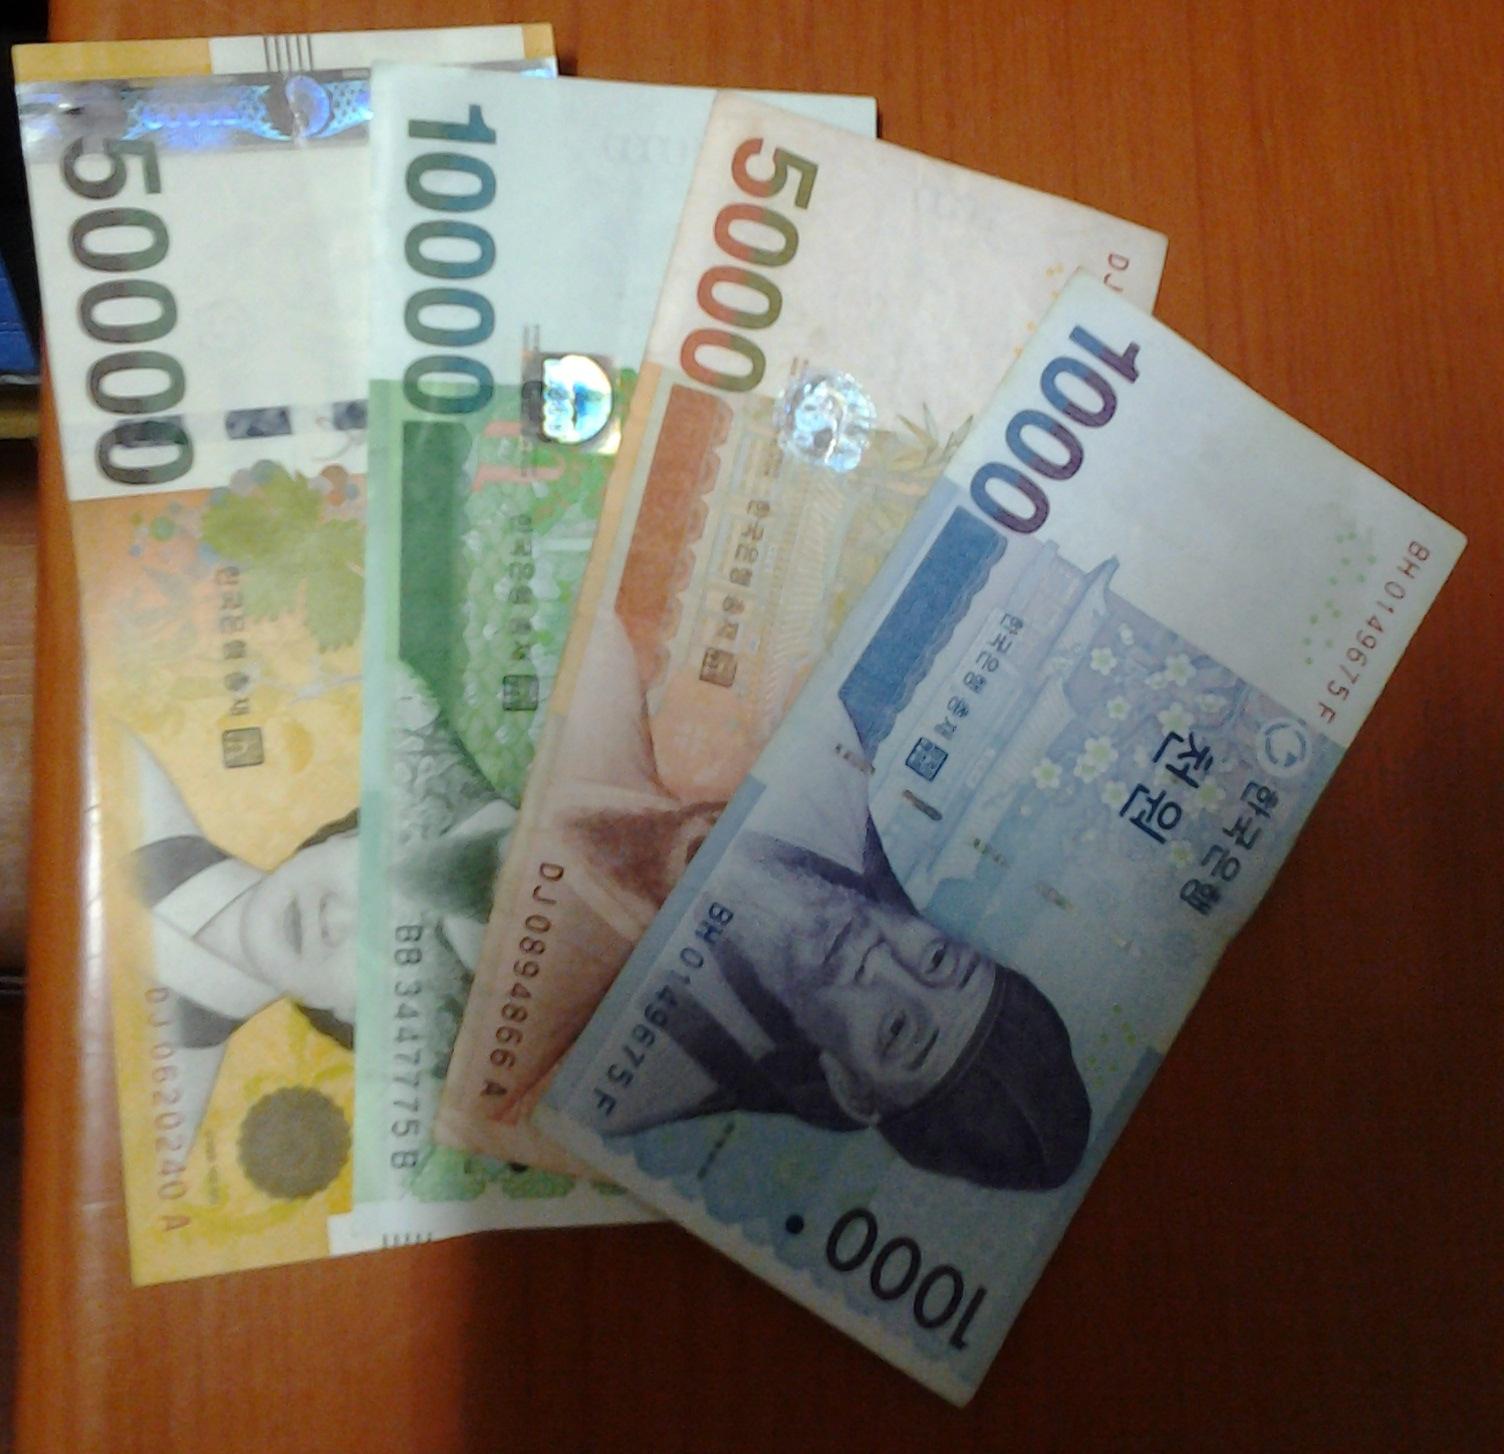 informasi pecahan uang won mata uang korea selatan ada 6 2 uang